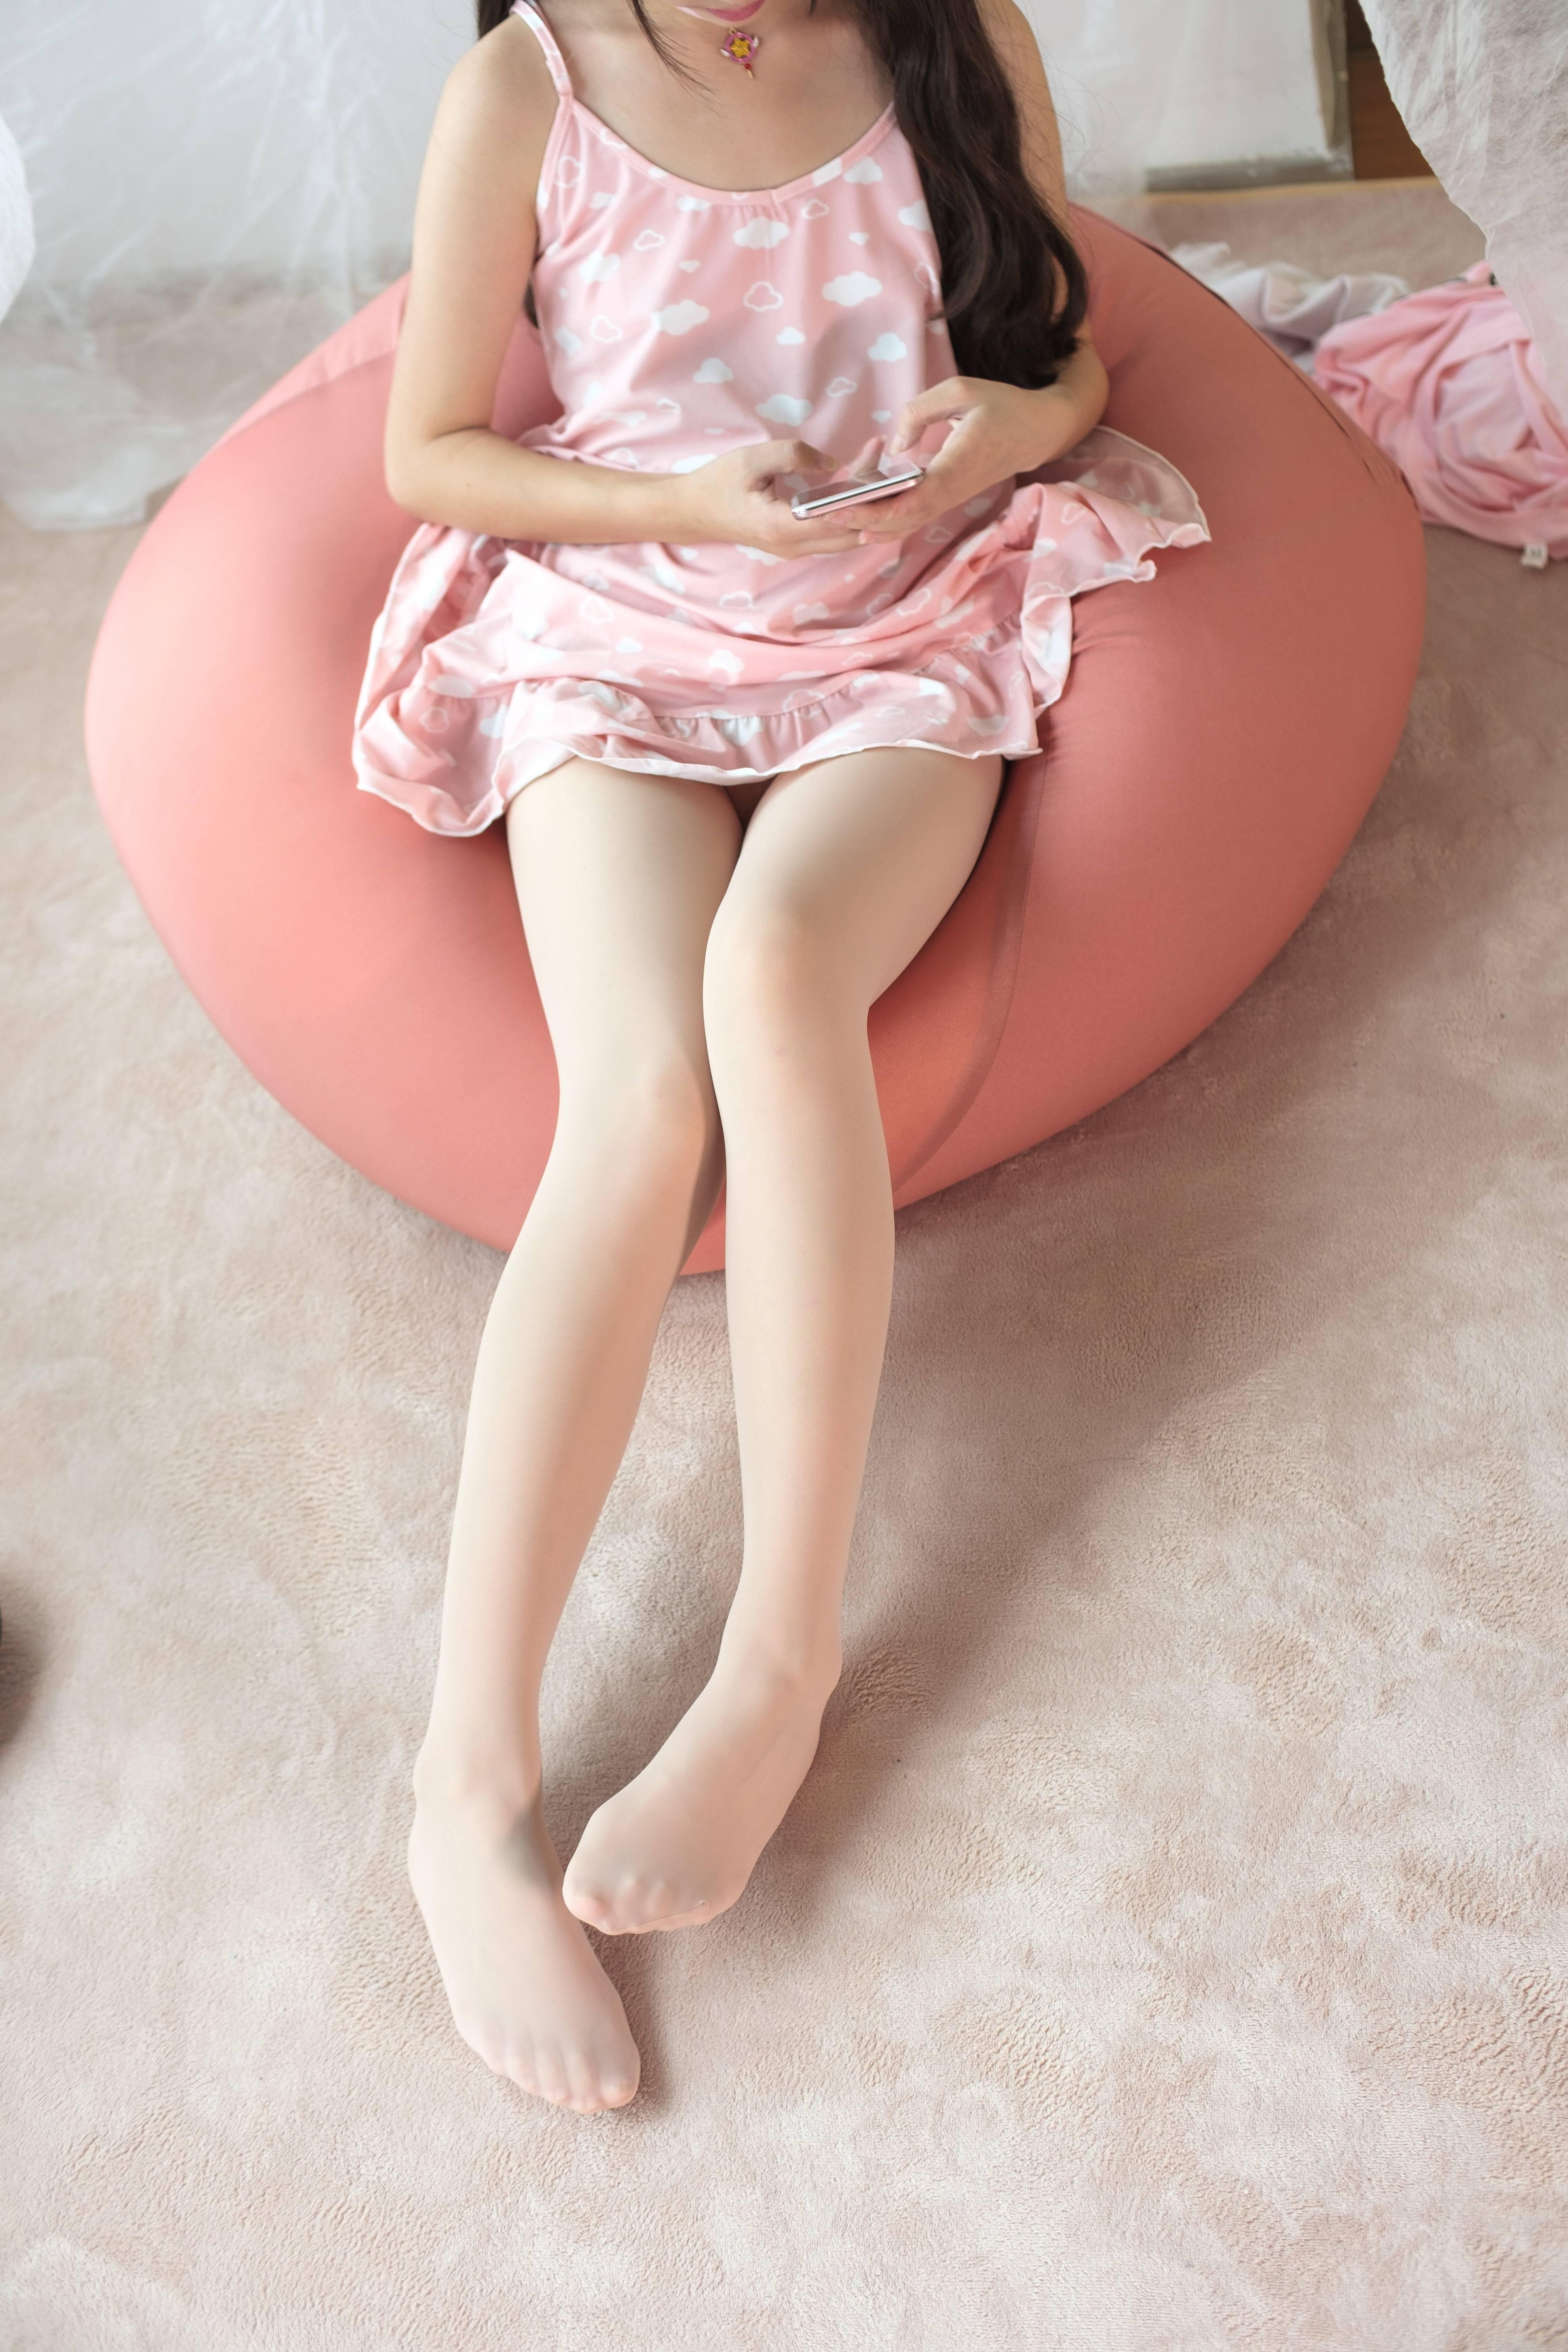 森萝财团 X-039 无水印(极其可人的小甜甜,肉色丝袜非常合适~~~)